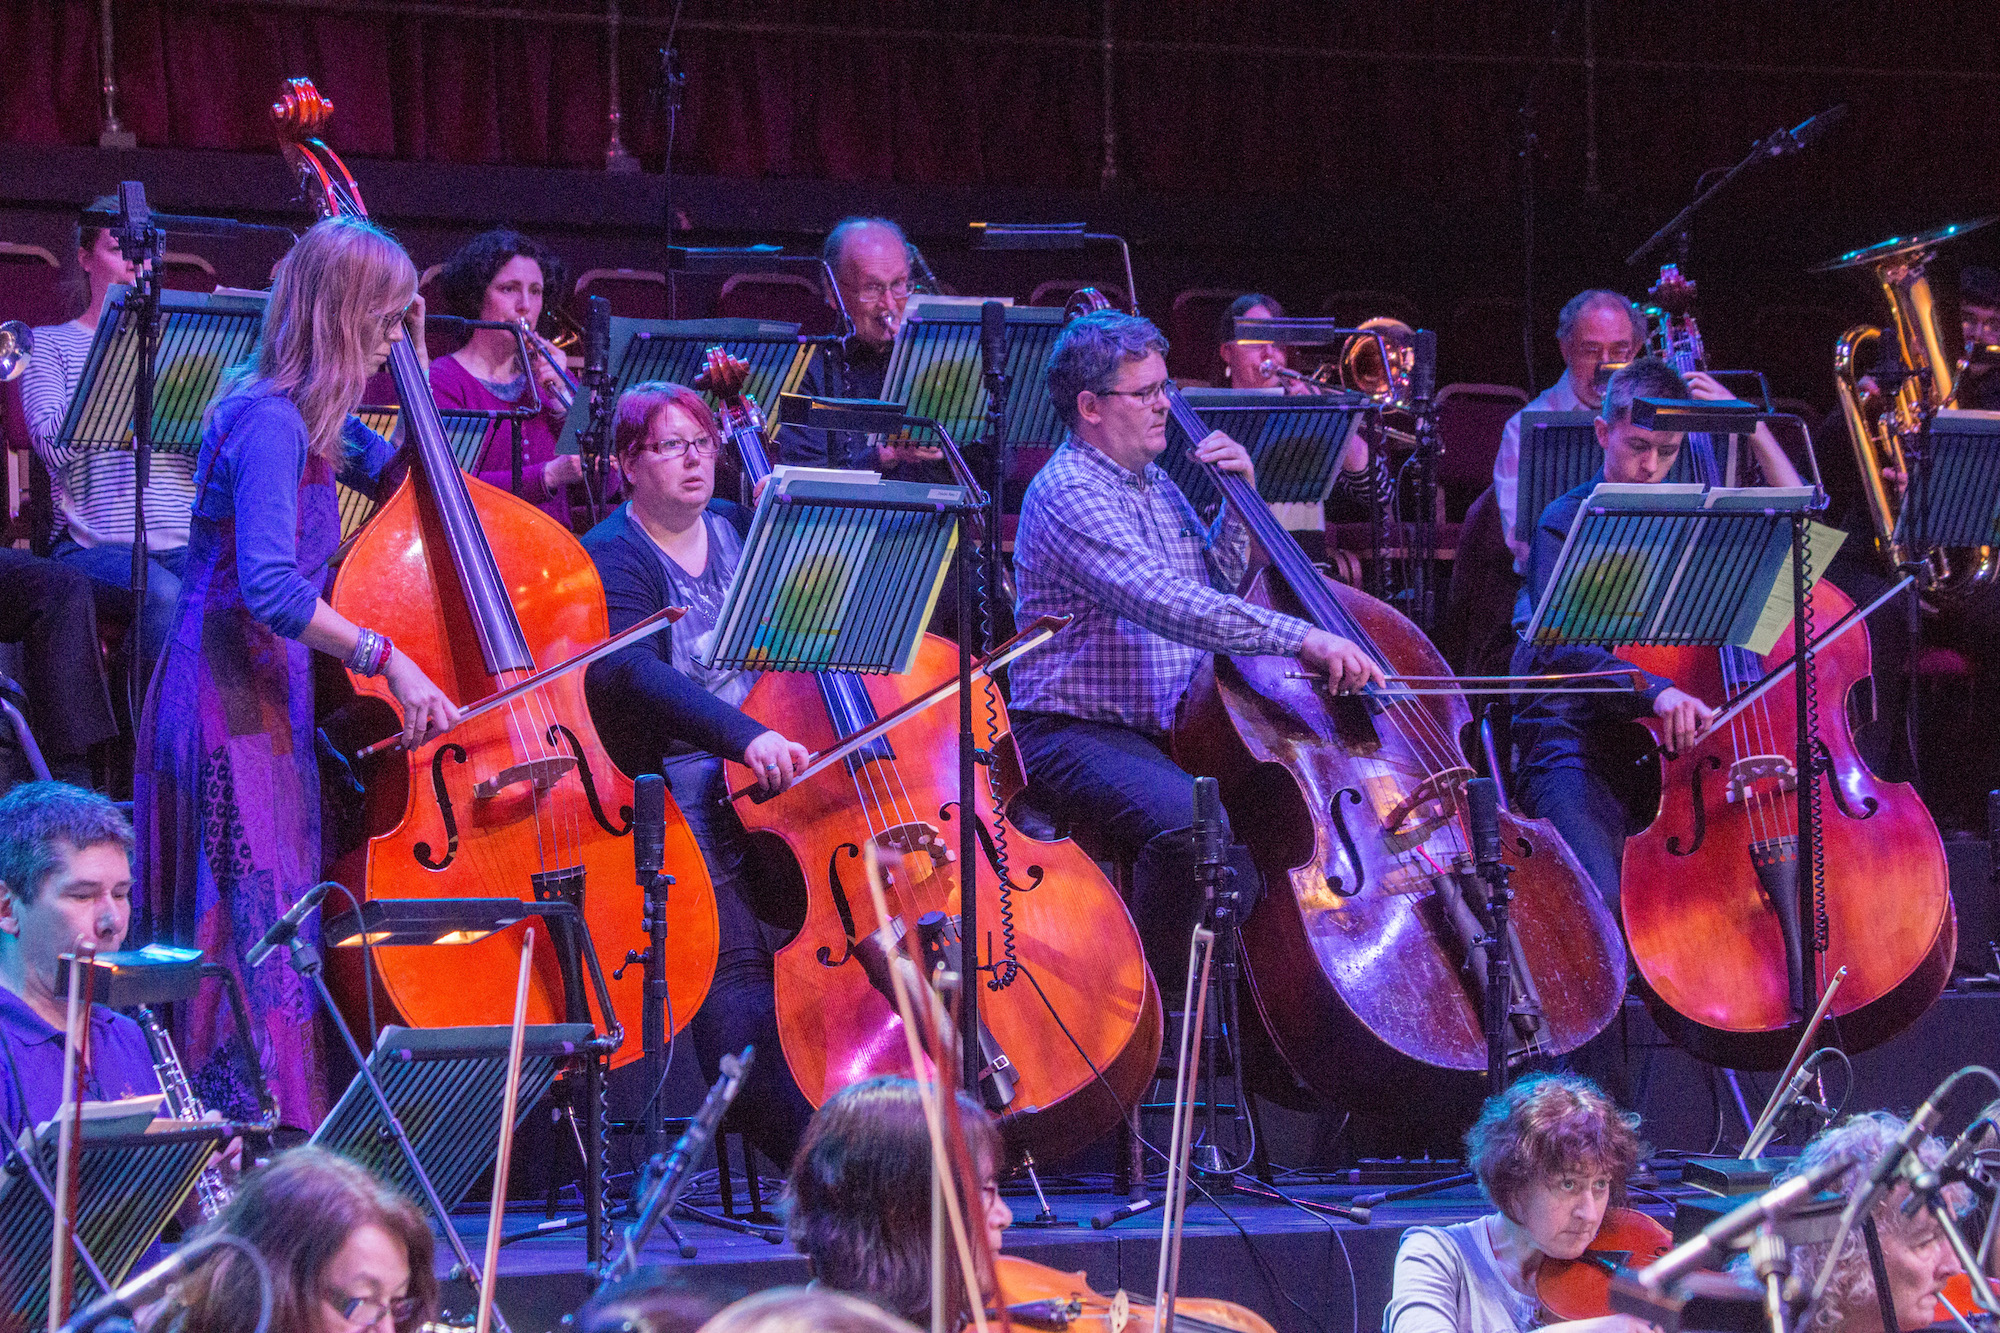 Orchestra Service